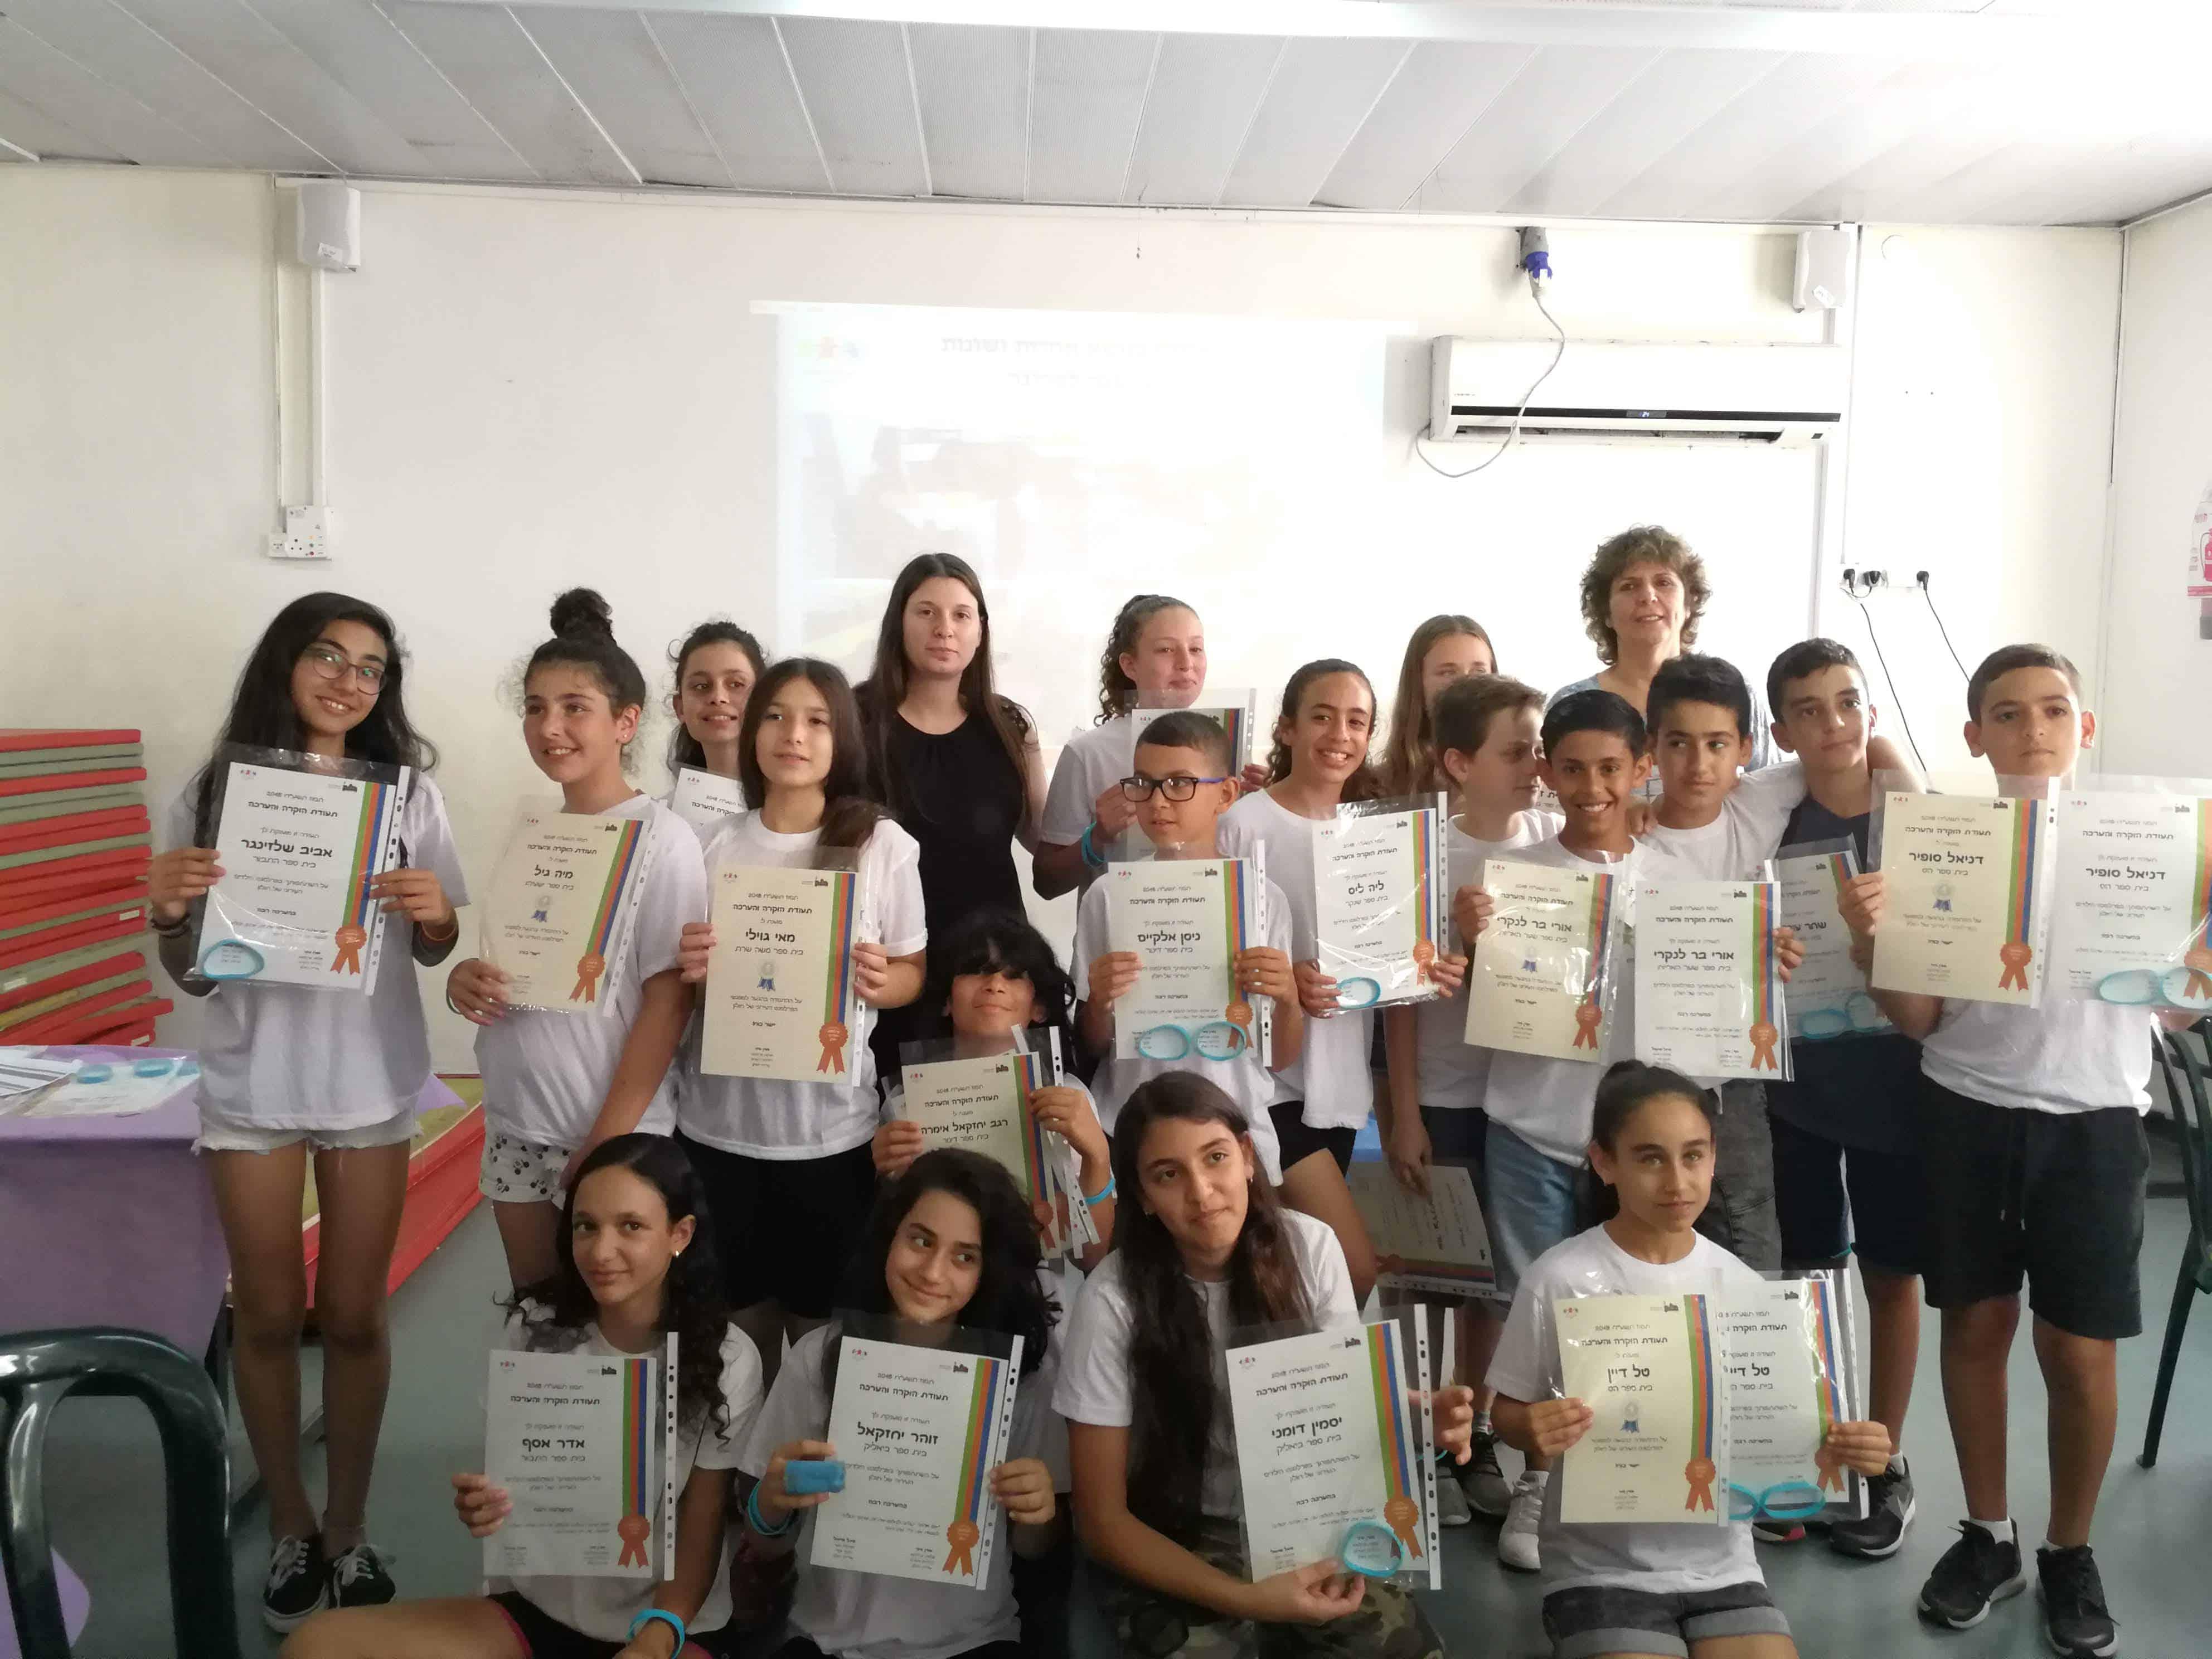 מפגש סיום שנה של פרלמנט הילדים העירוני של חולון. צילום-עיריית חולון